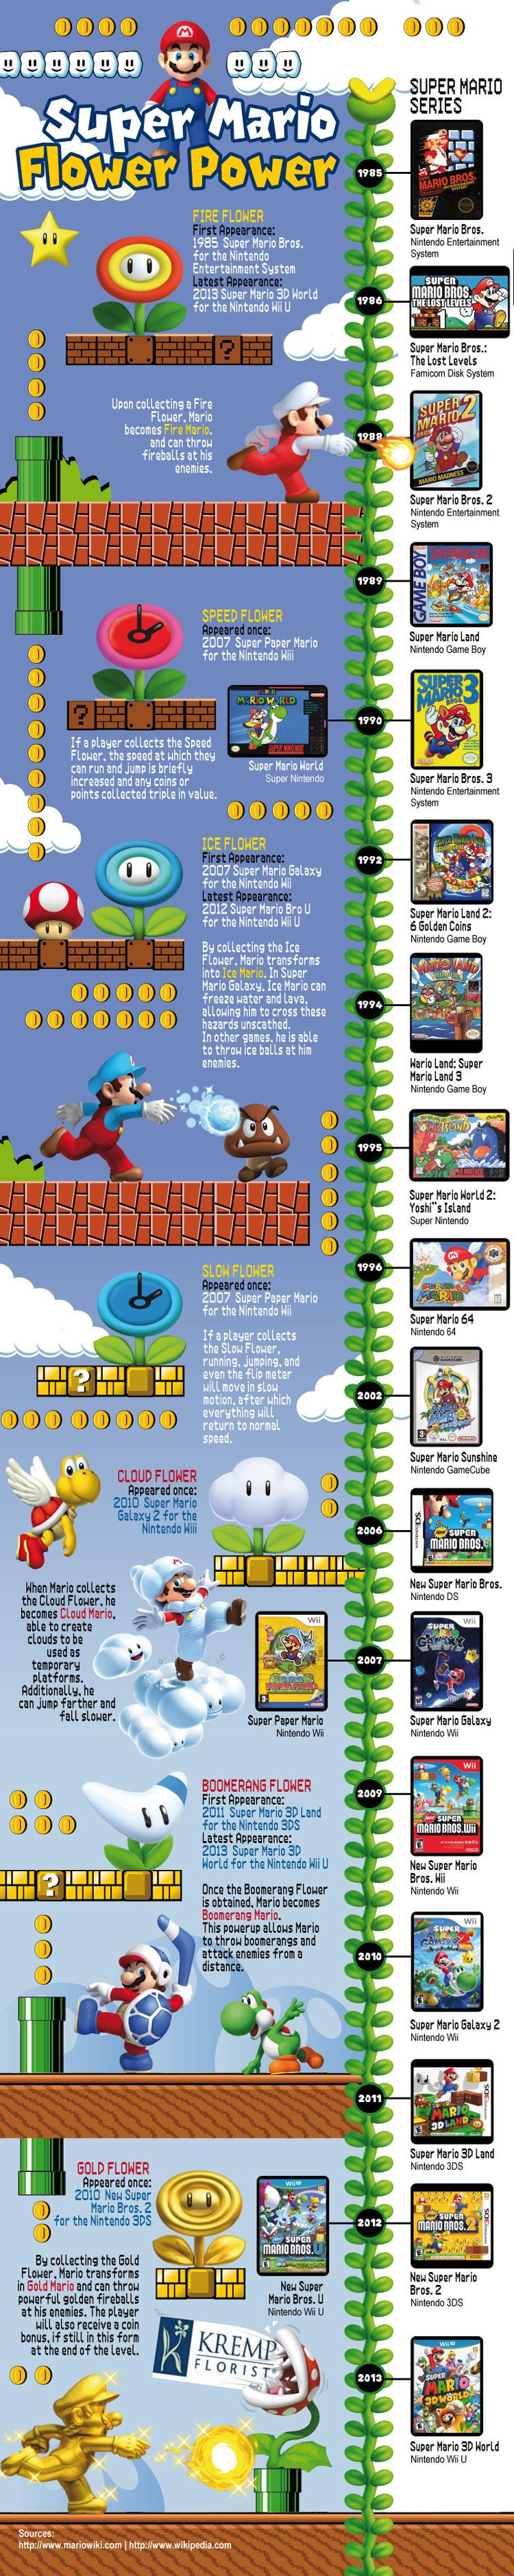 Super Mario Flower Power